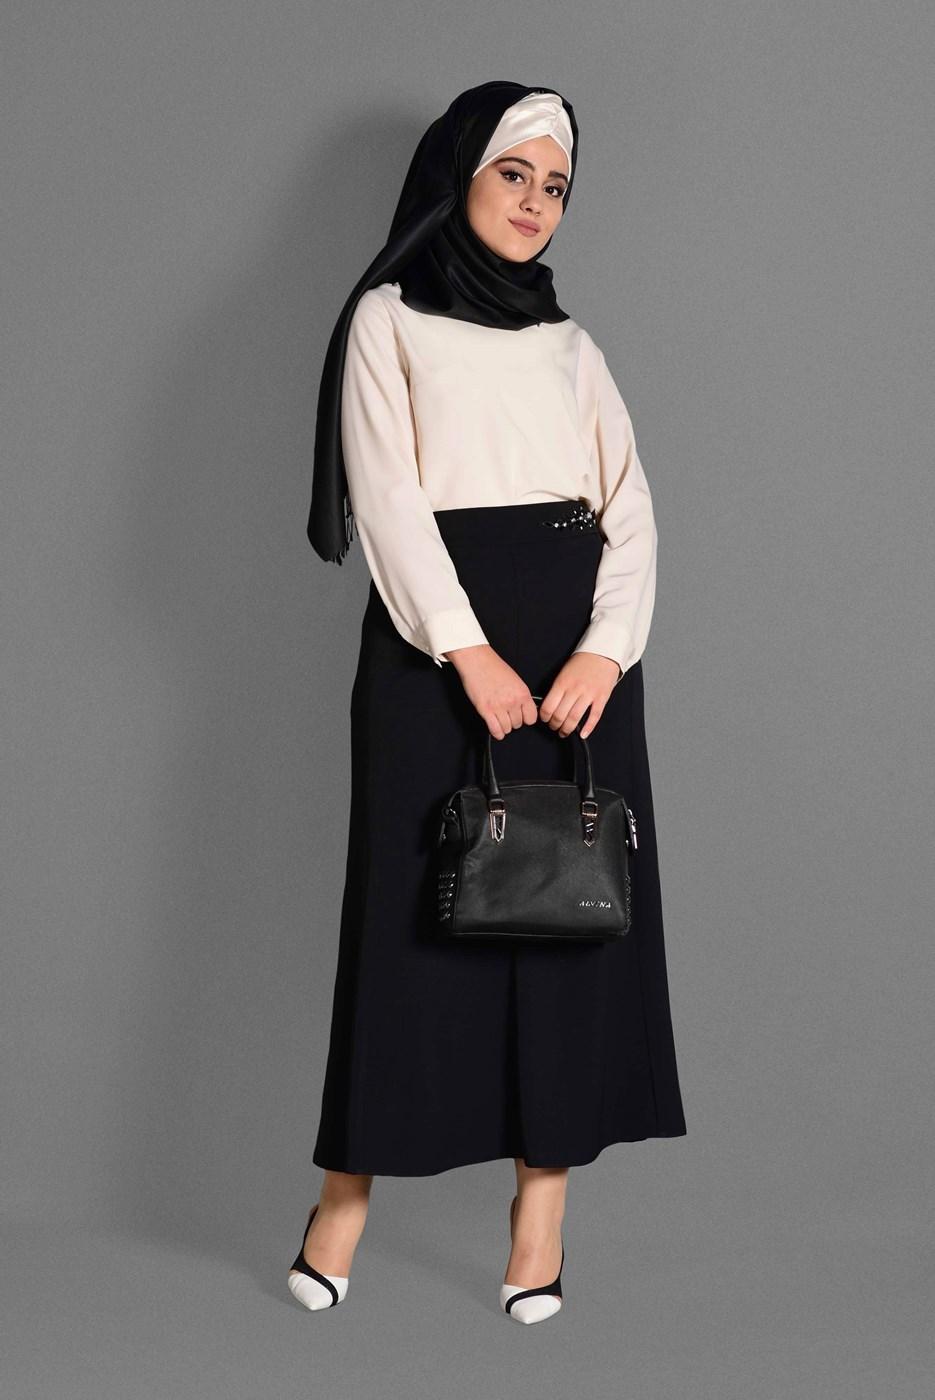 Femelle NOIR T 6059 Baklava Etek-Alv Fashion